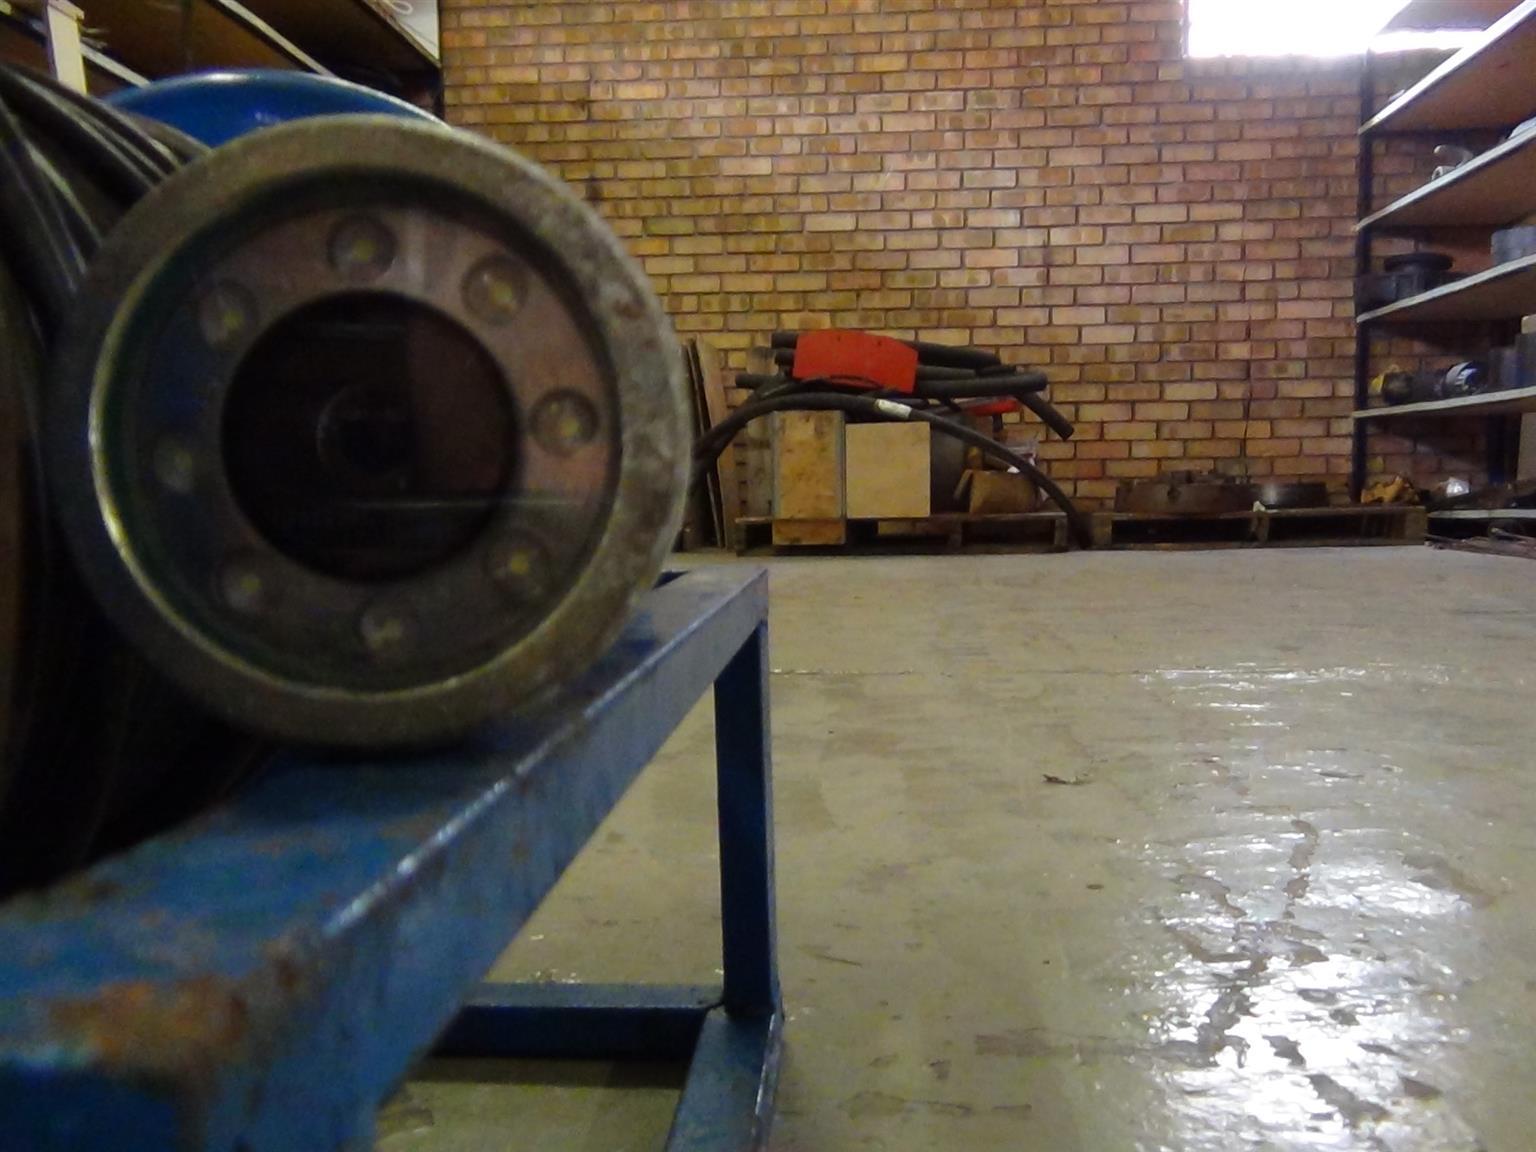 Borehole Camera inspection Unit